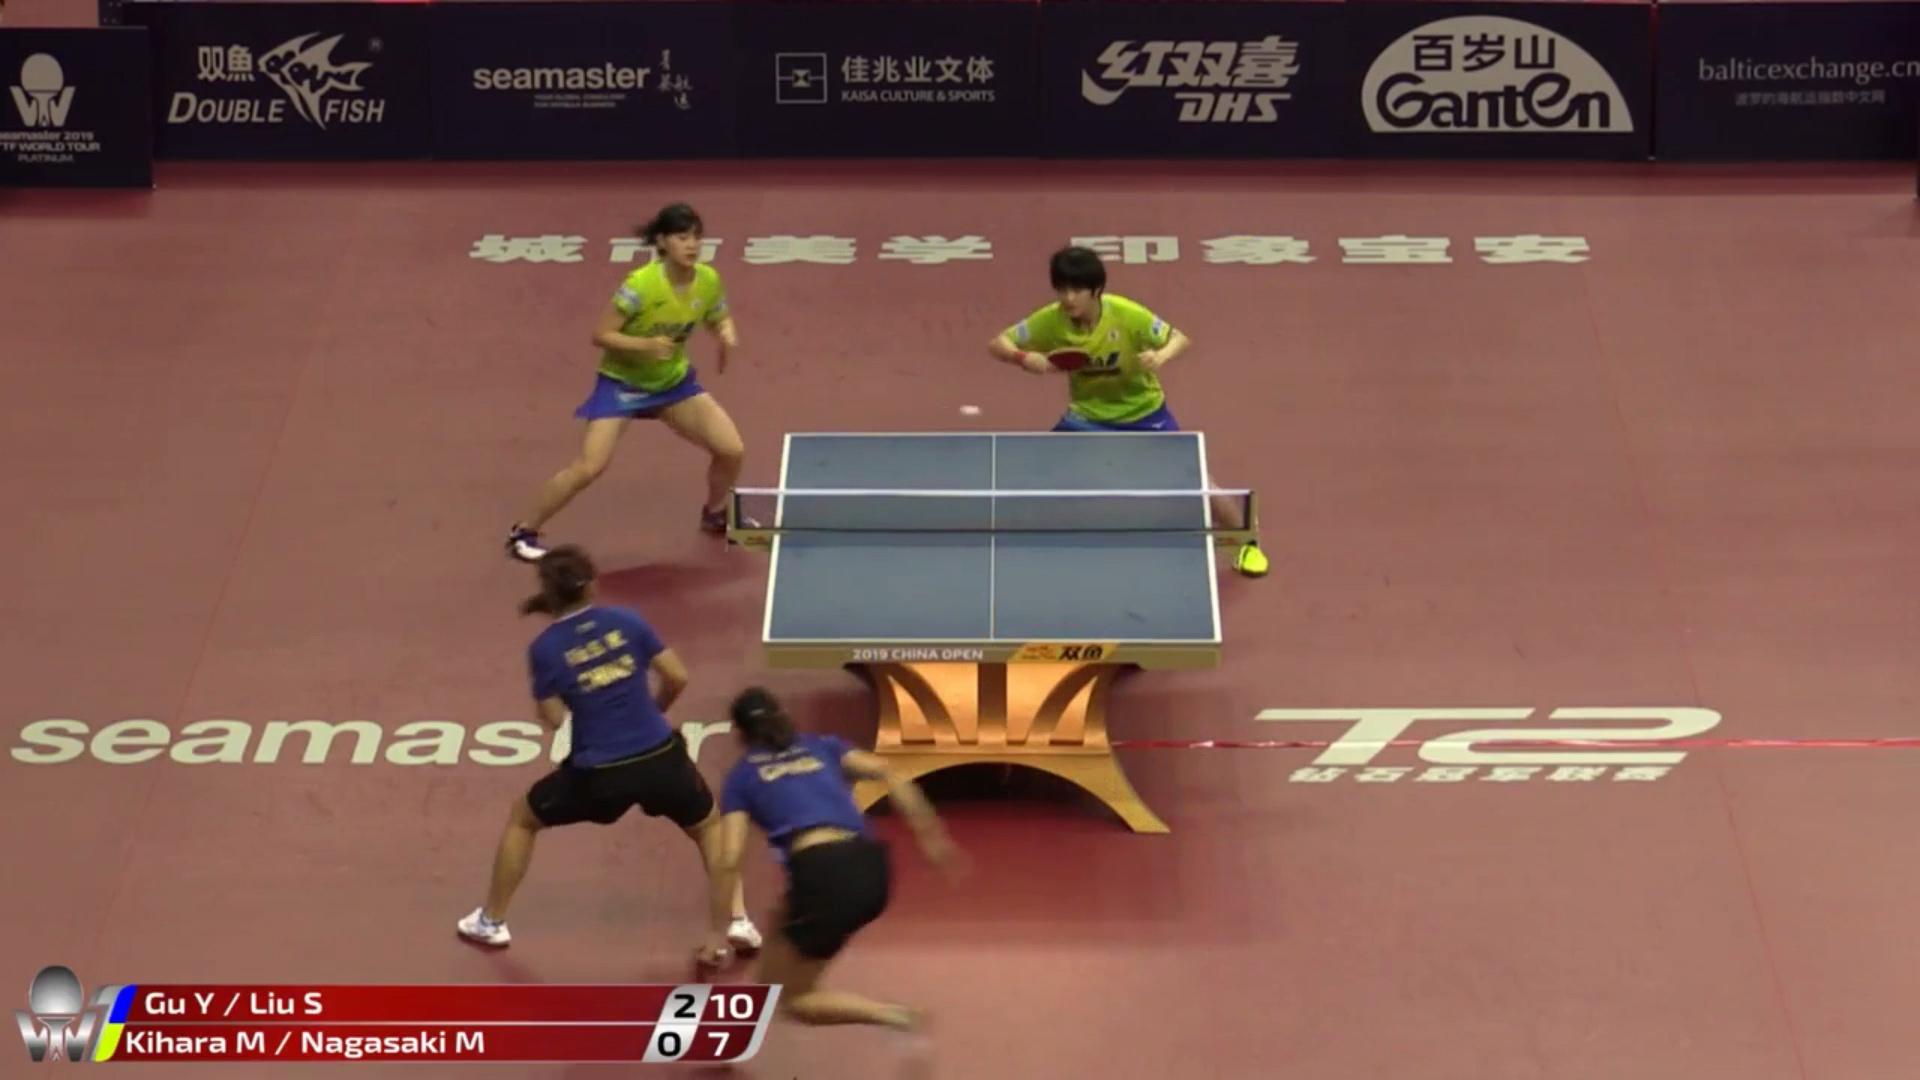 中国体育-视频频道-最精彩的体育娱乐直播平台